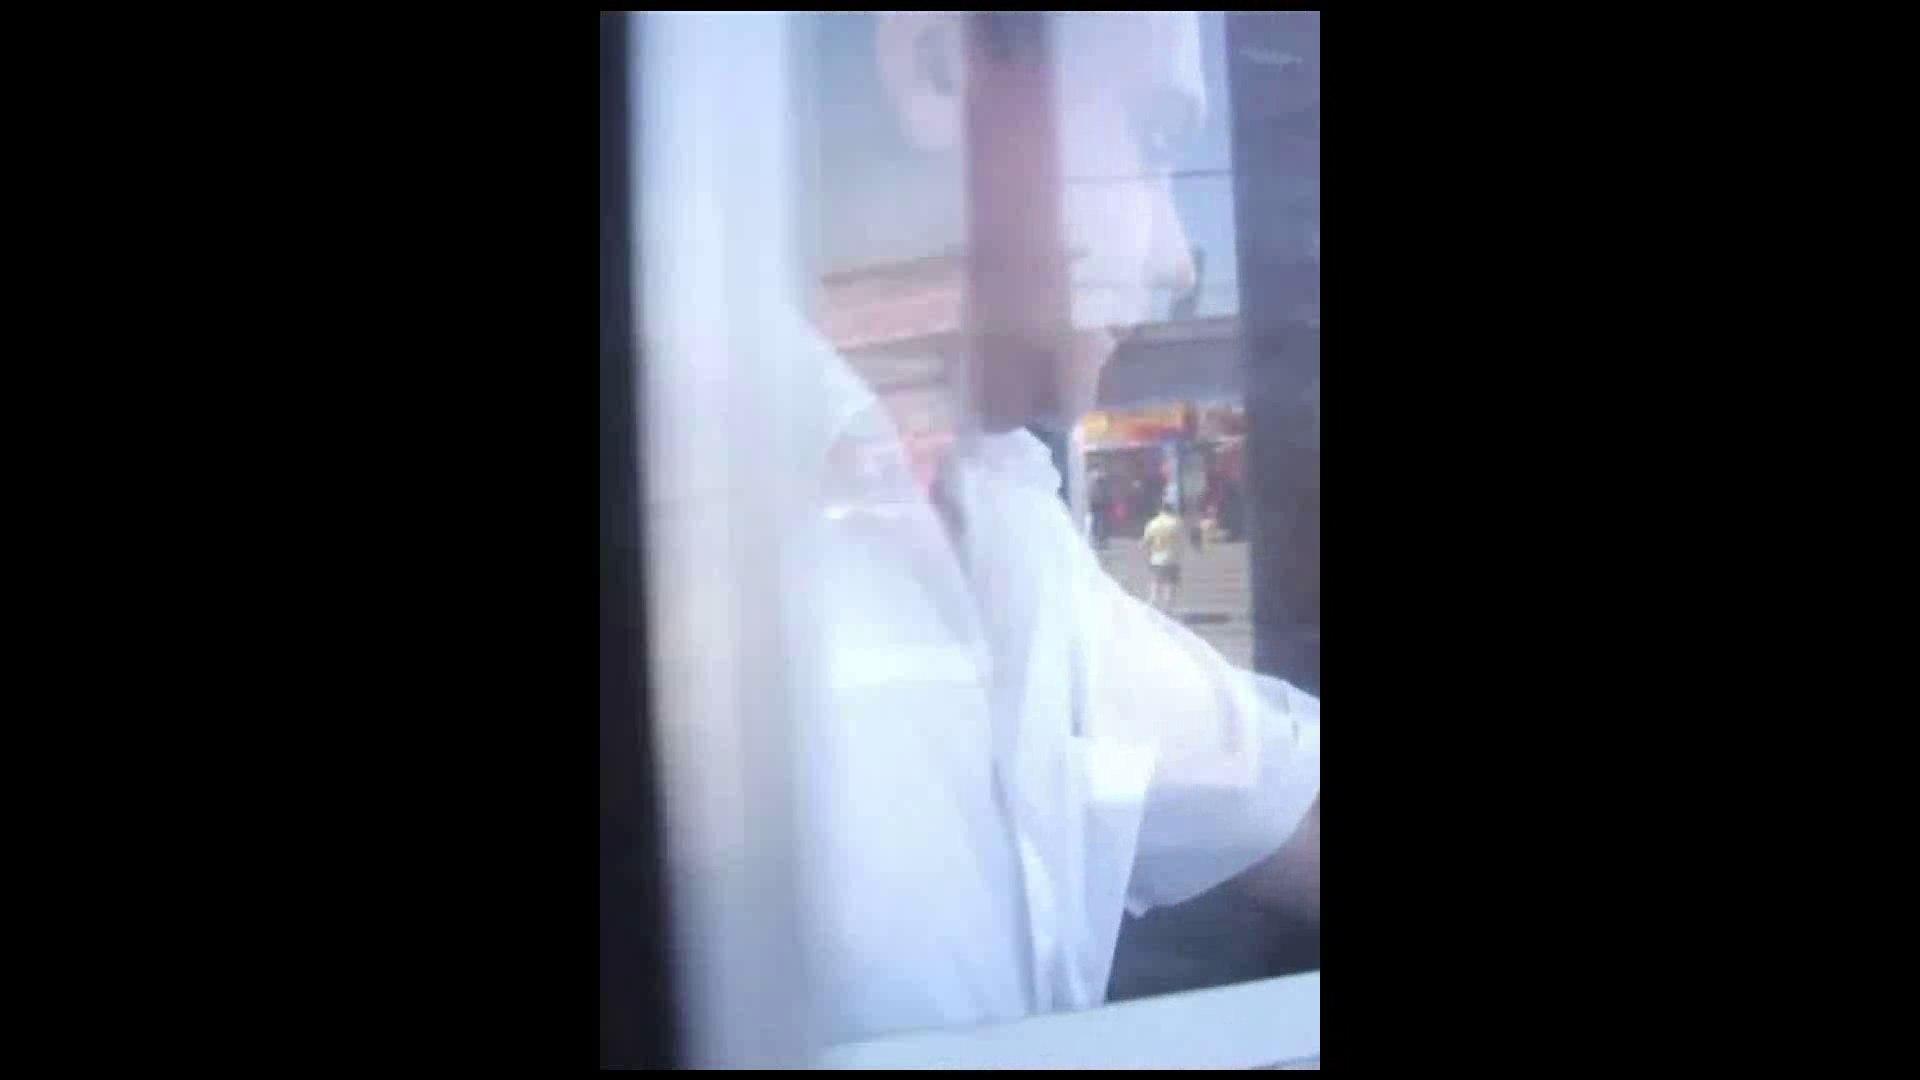 綺麗なモデルさんのスカート捲っちゃおう‼vol03 お姉さんのエロ動画  101PIX 86